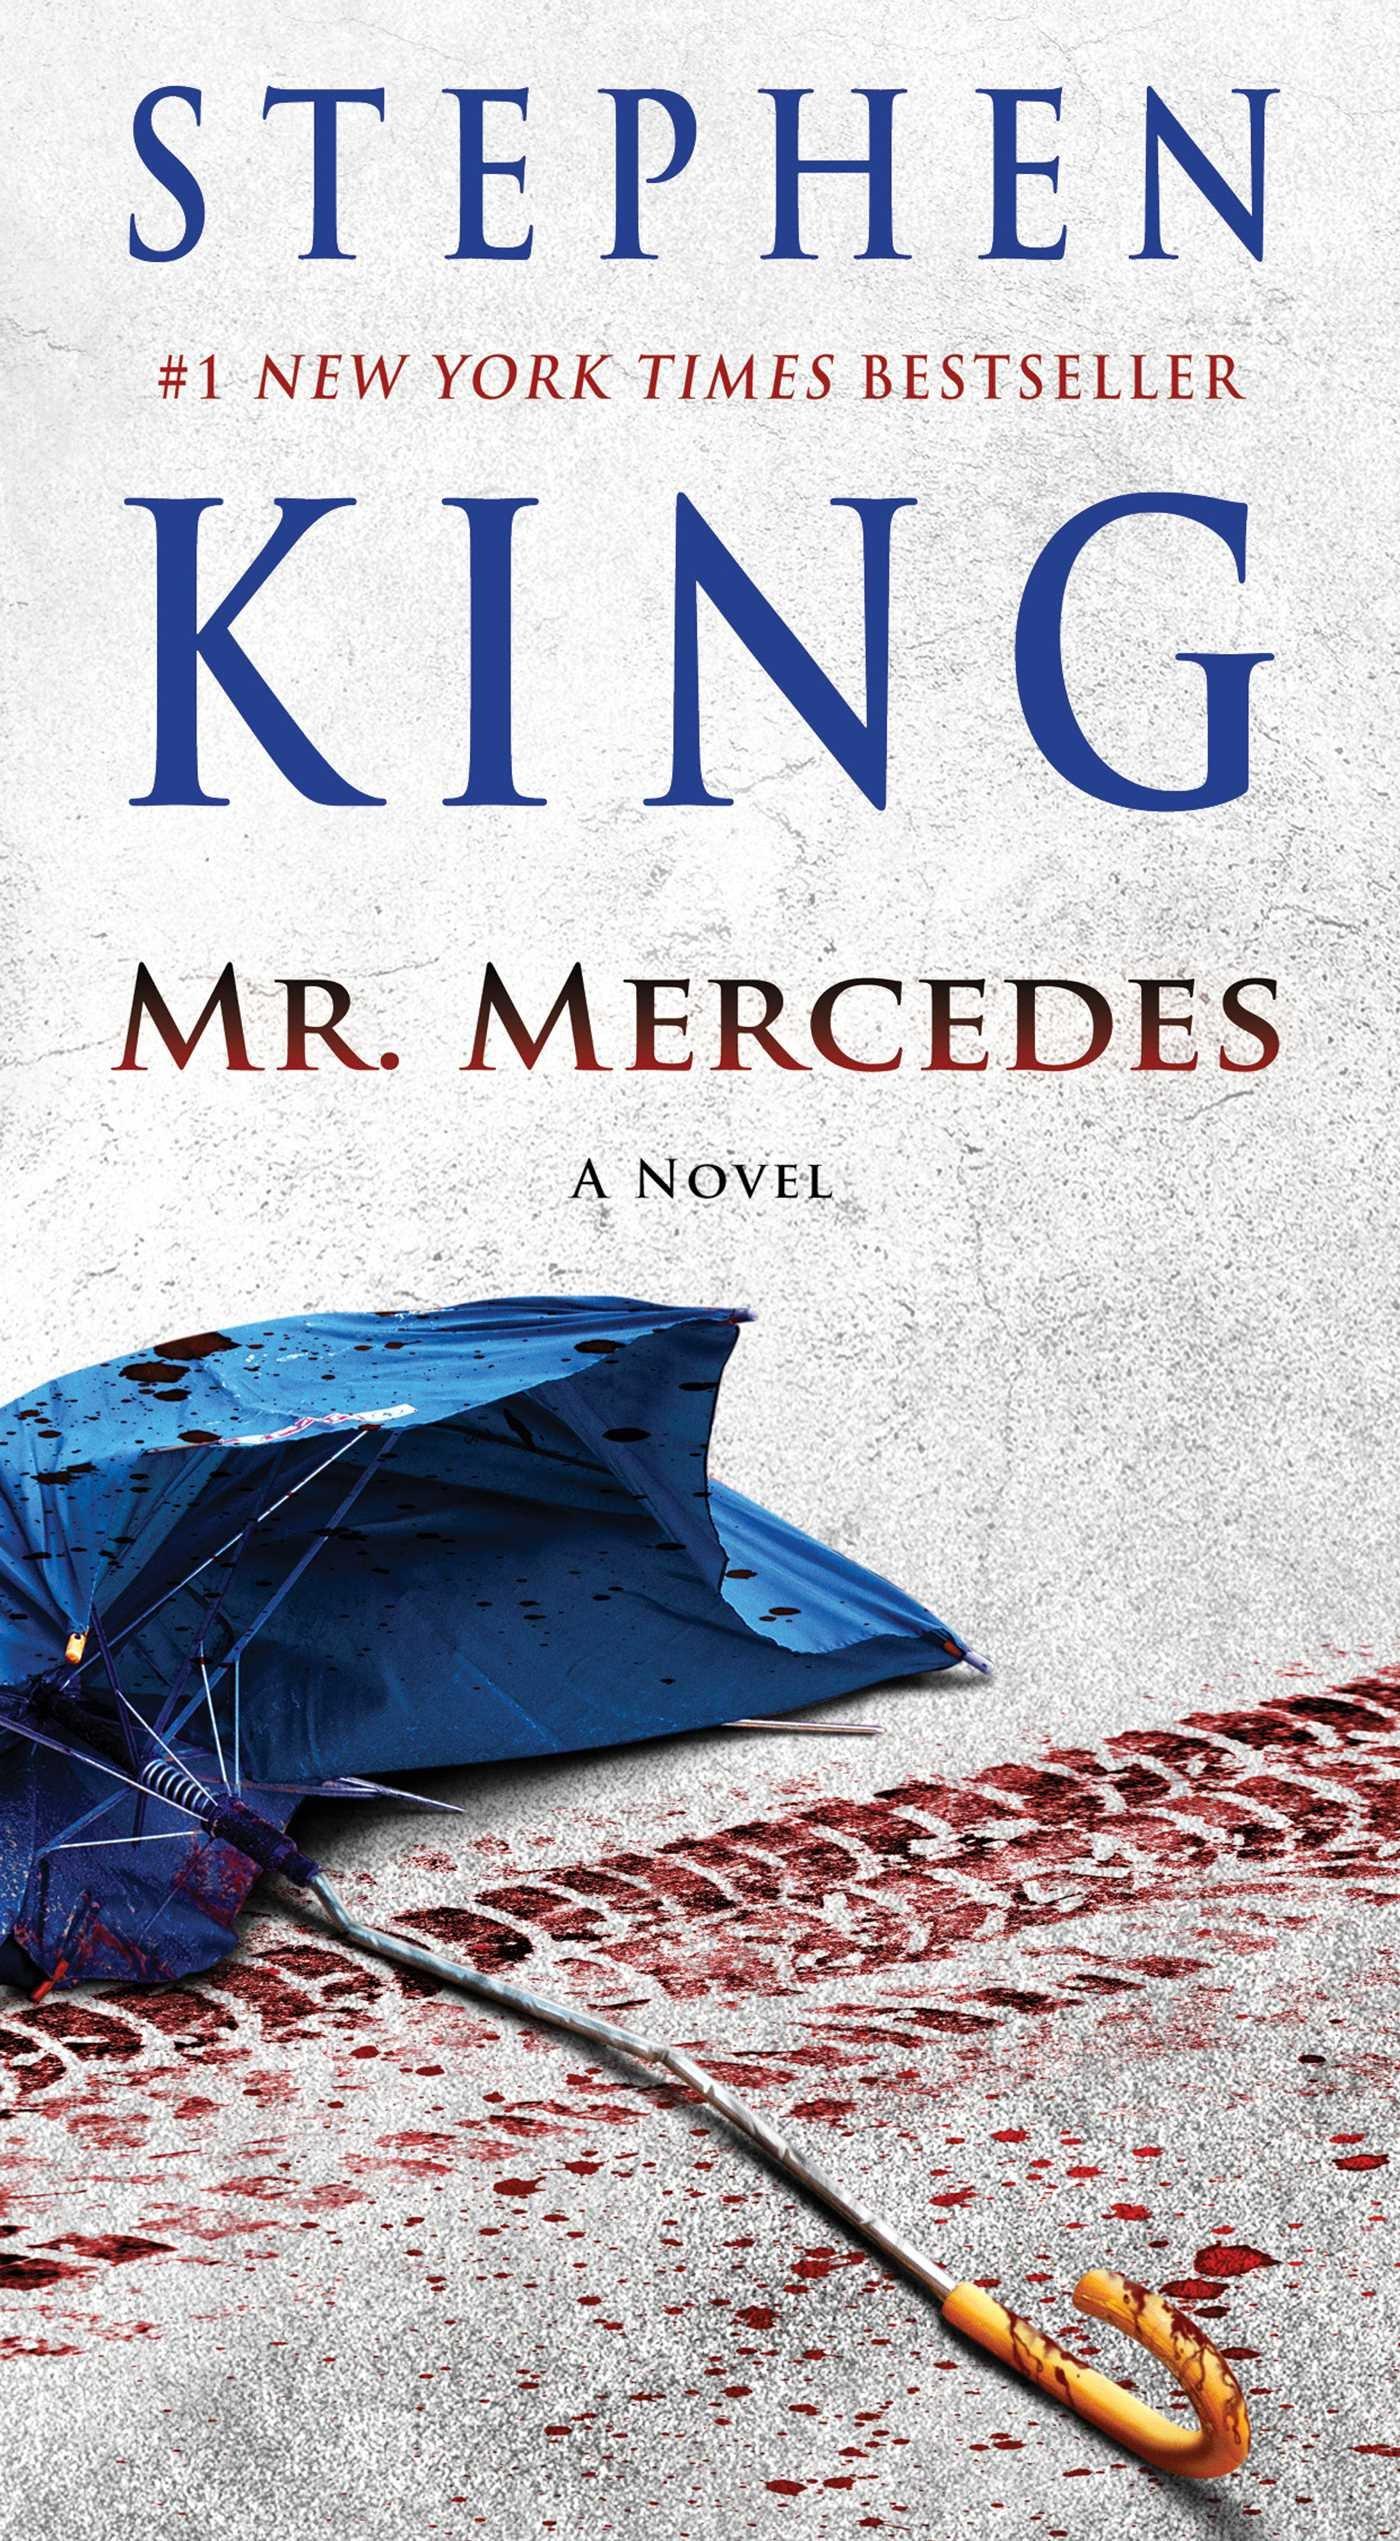 Image result for Mr. mercedes book